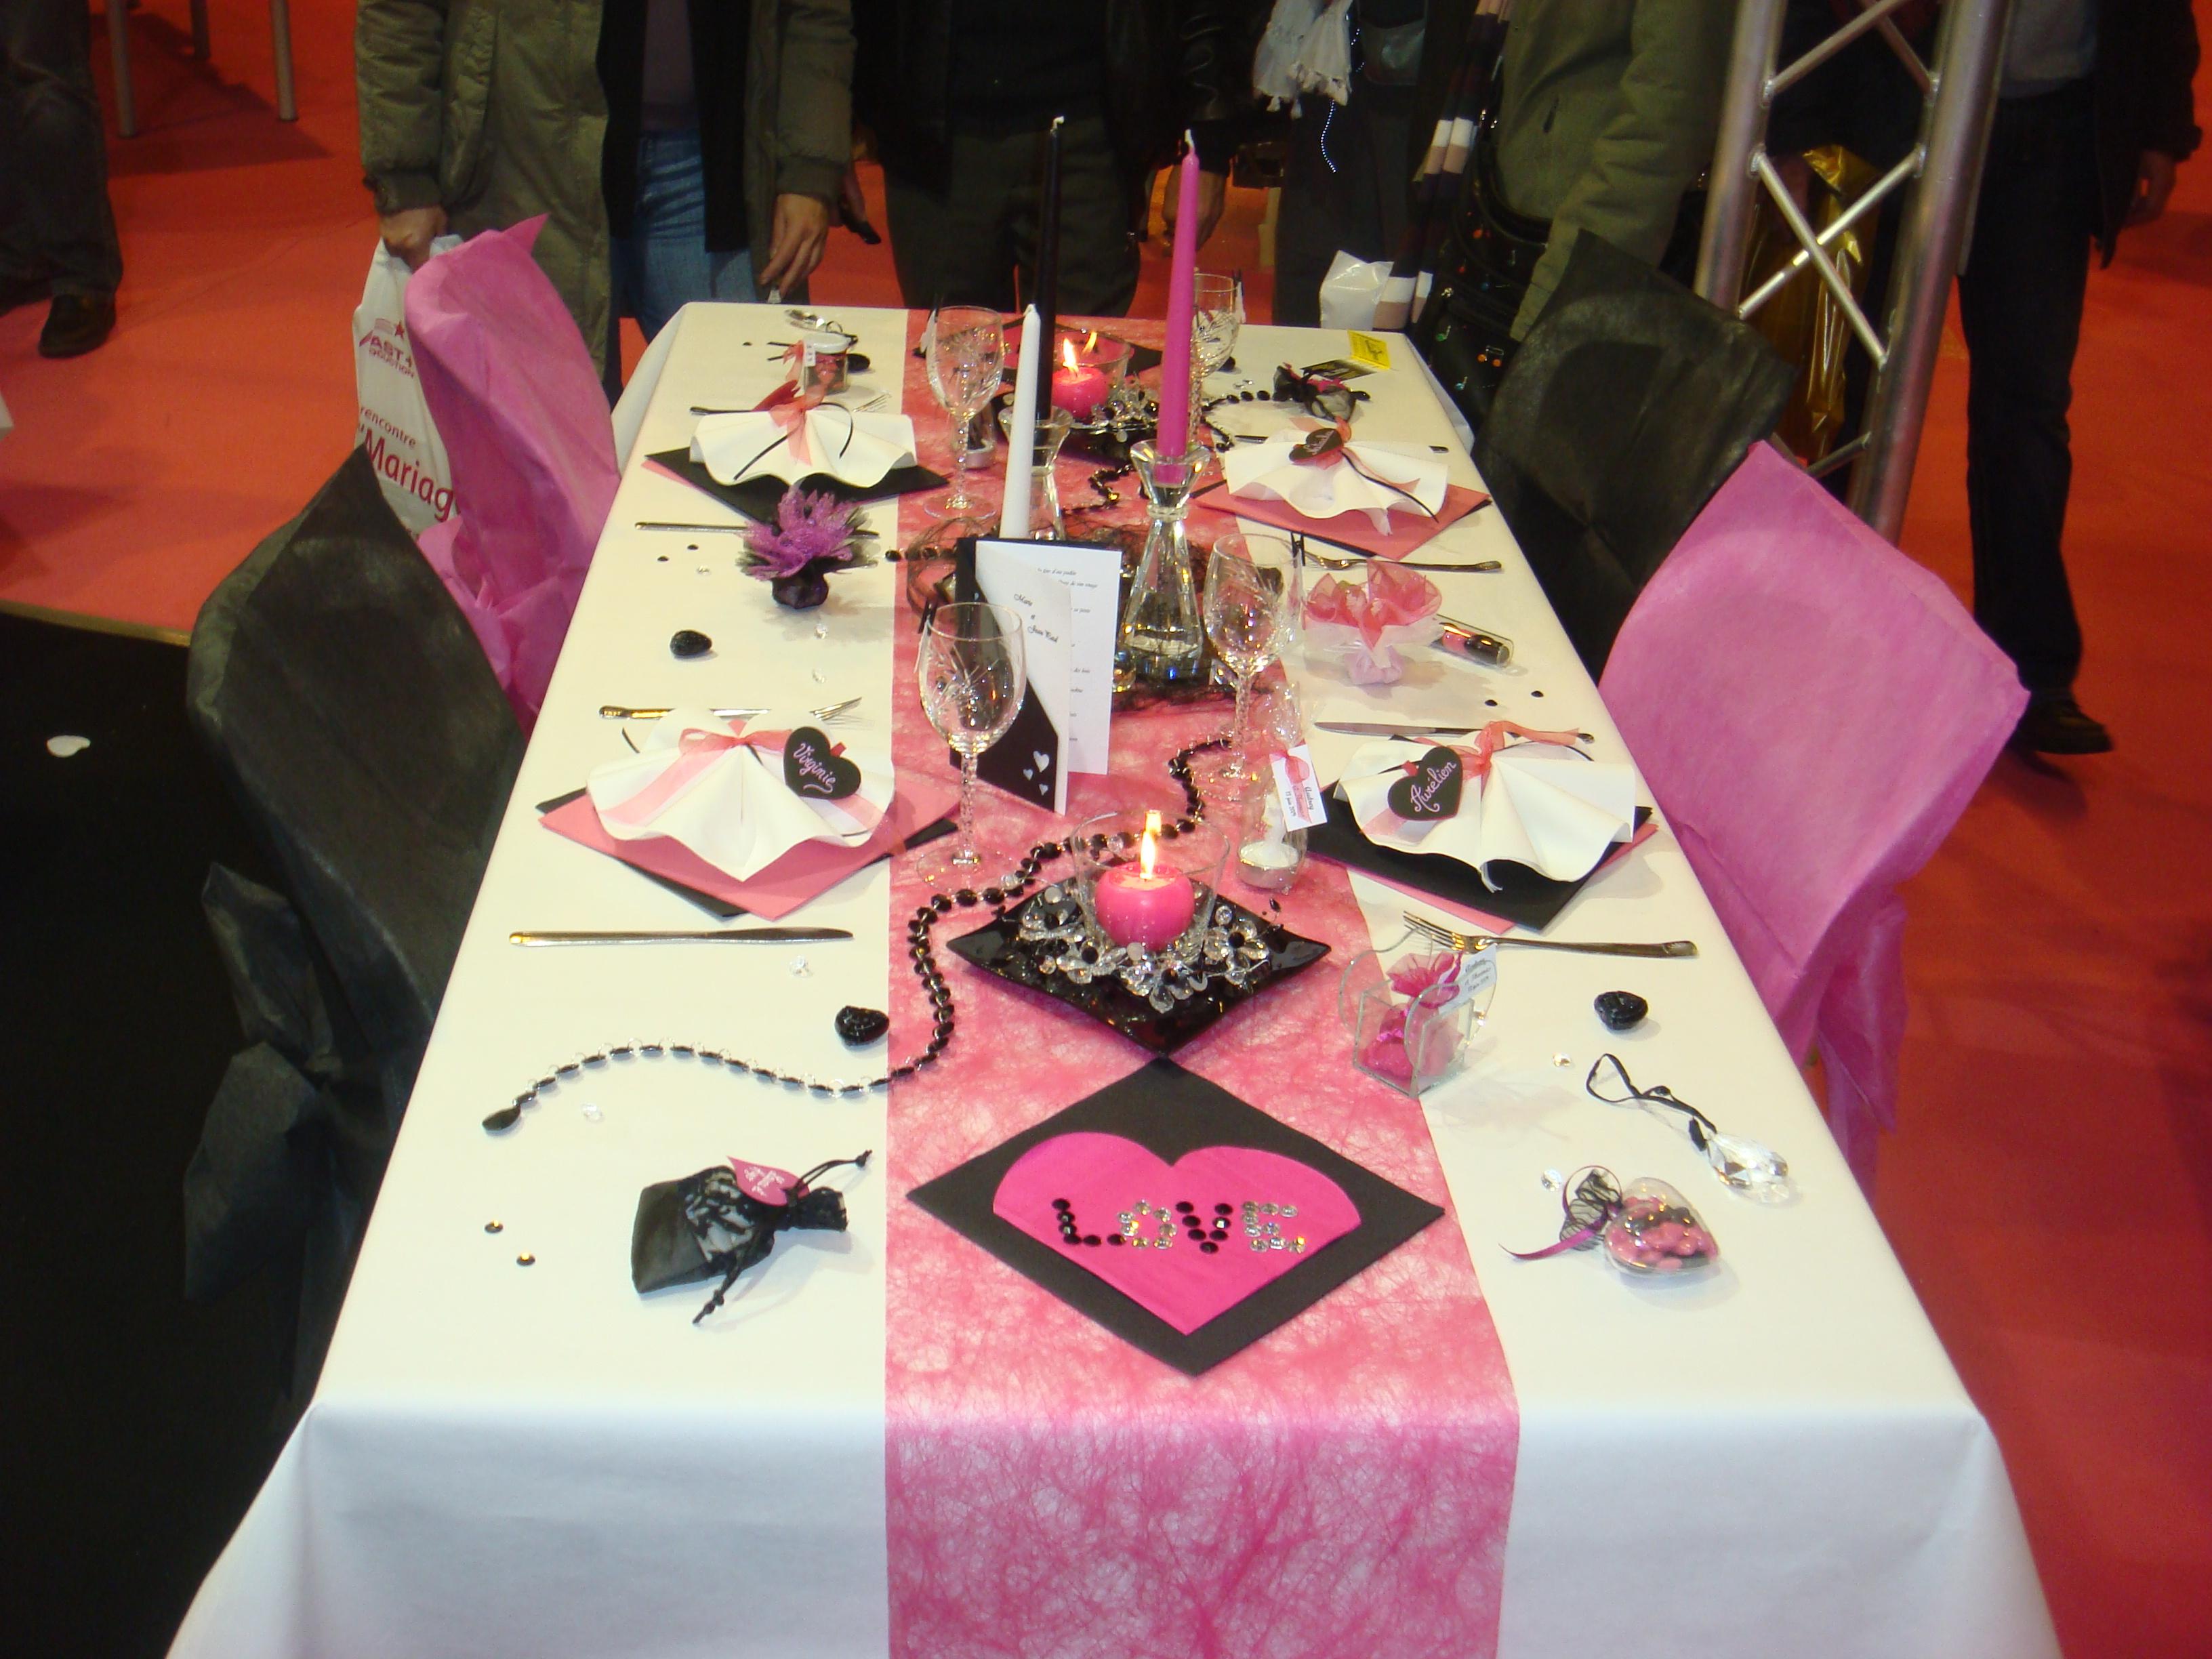 dsc06184 mariage deco table sarahchiara photos club doctissimo